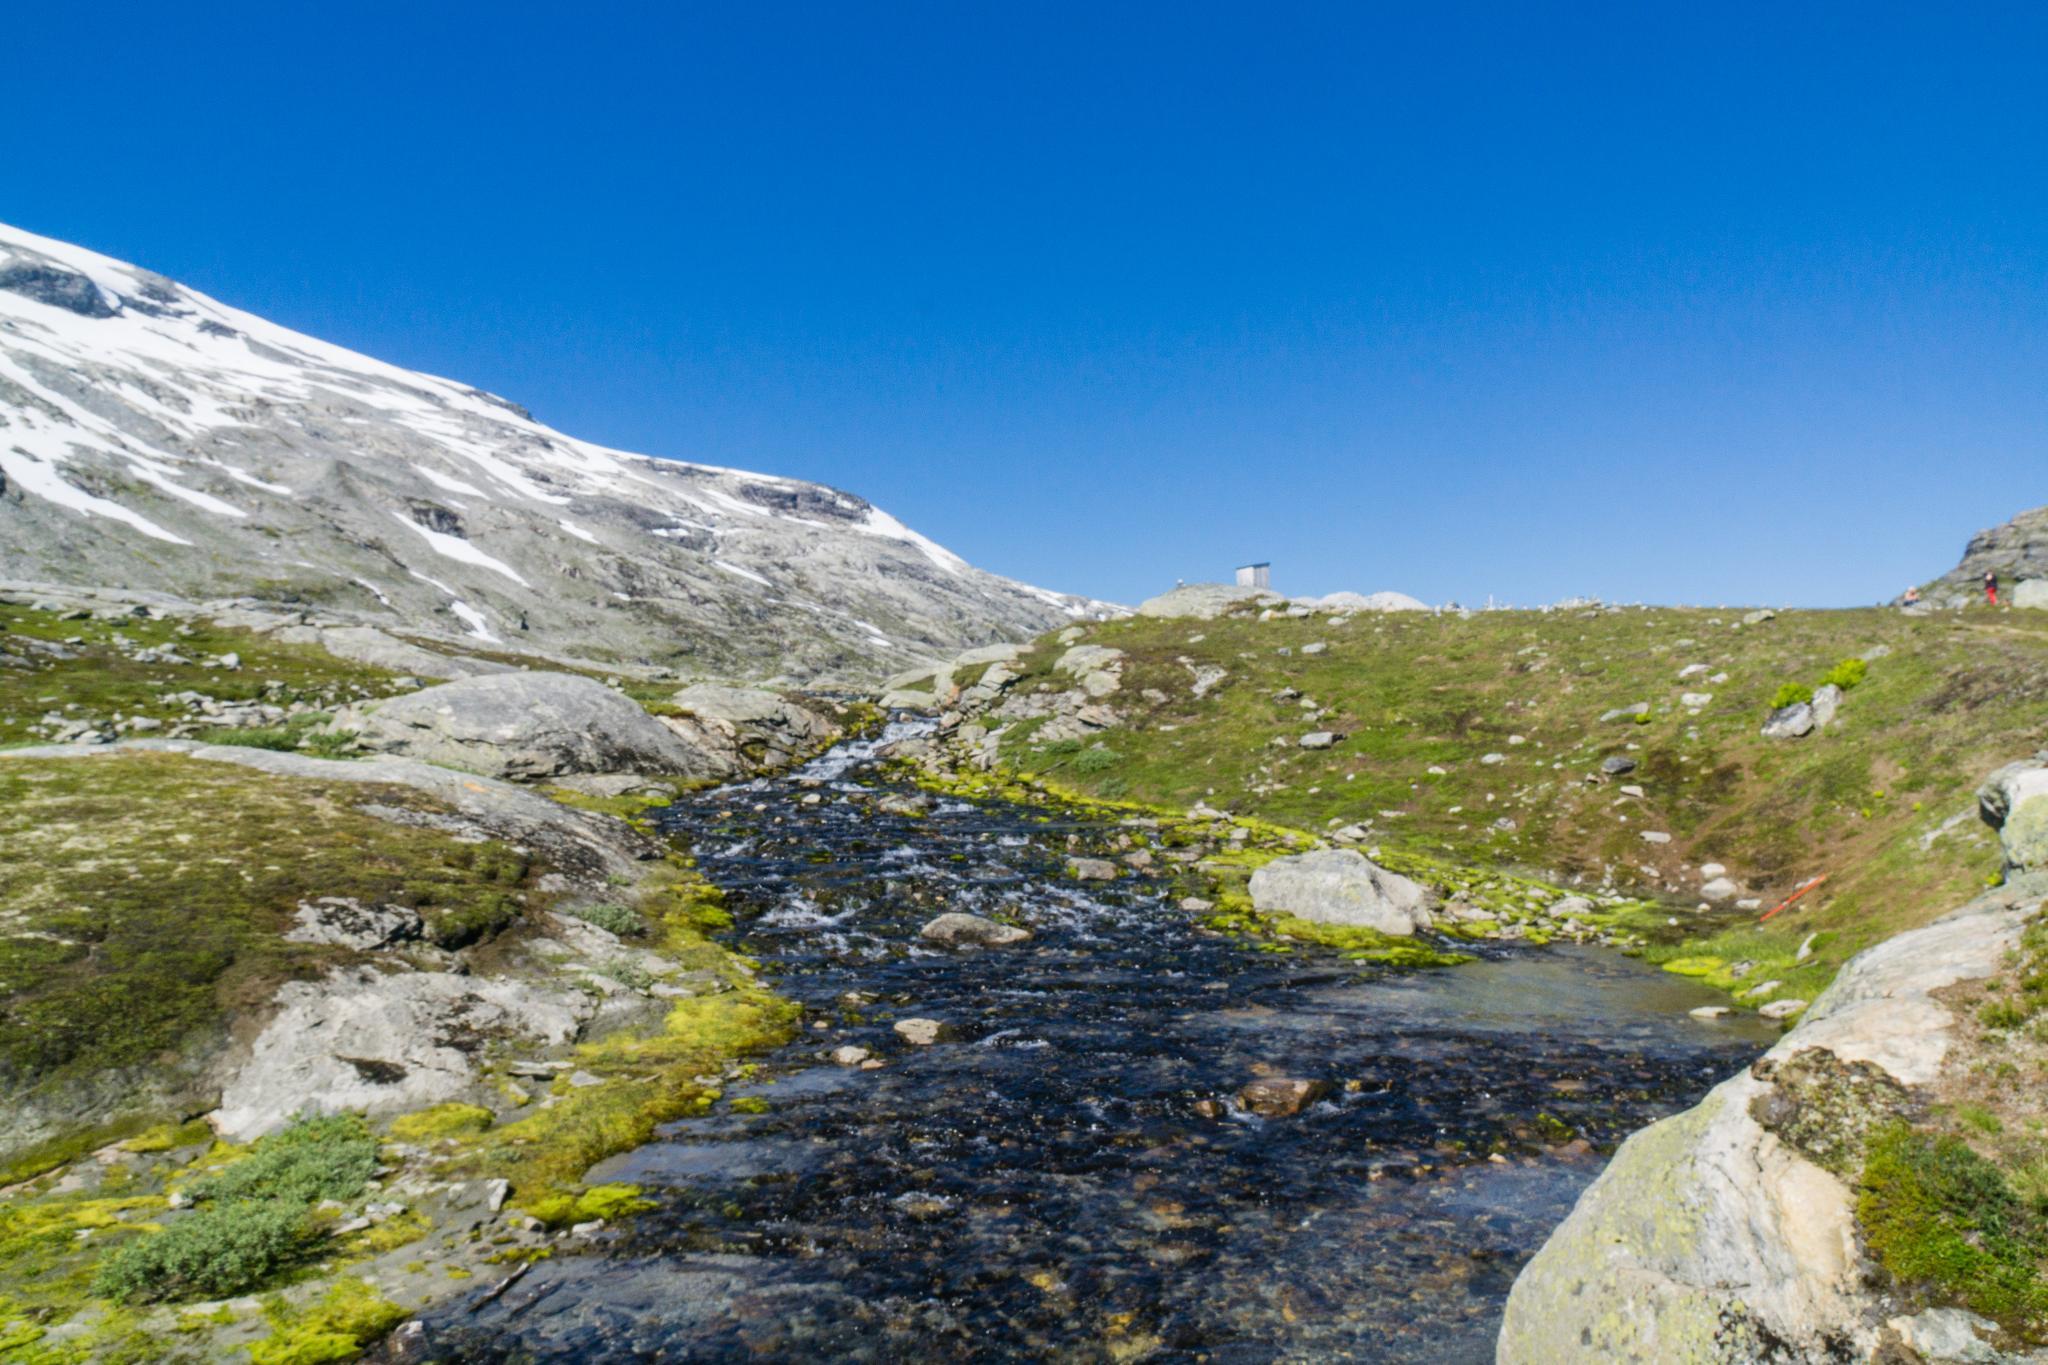 【北歐景點】歐洲最震撼的峽灣觀景台 — Dalsnibba Mountain Plateau 10